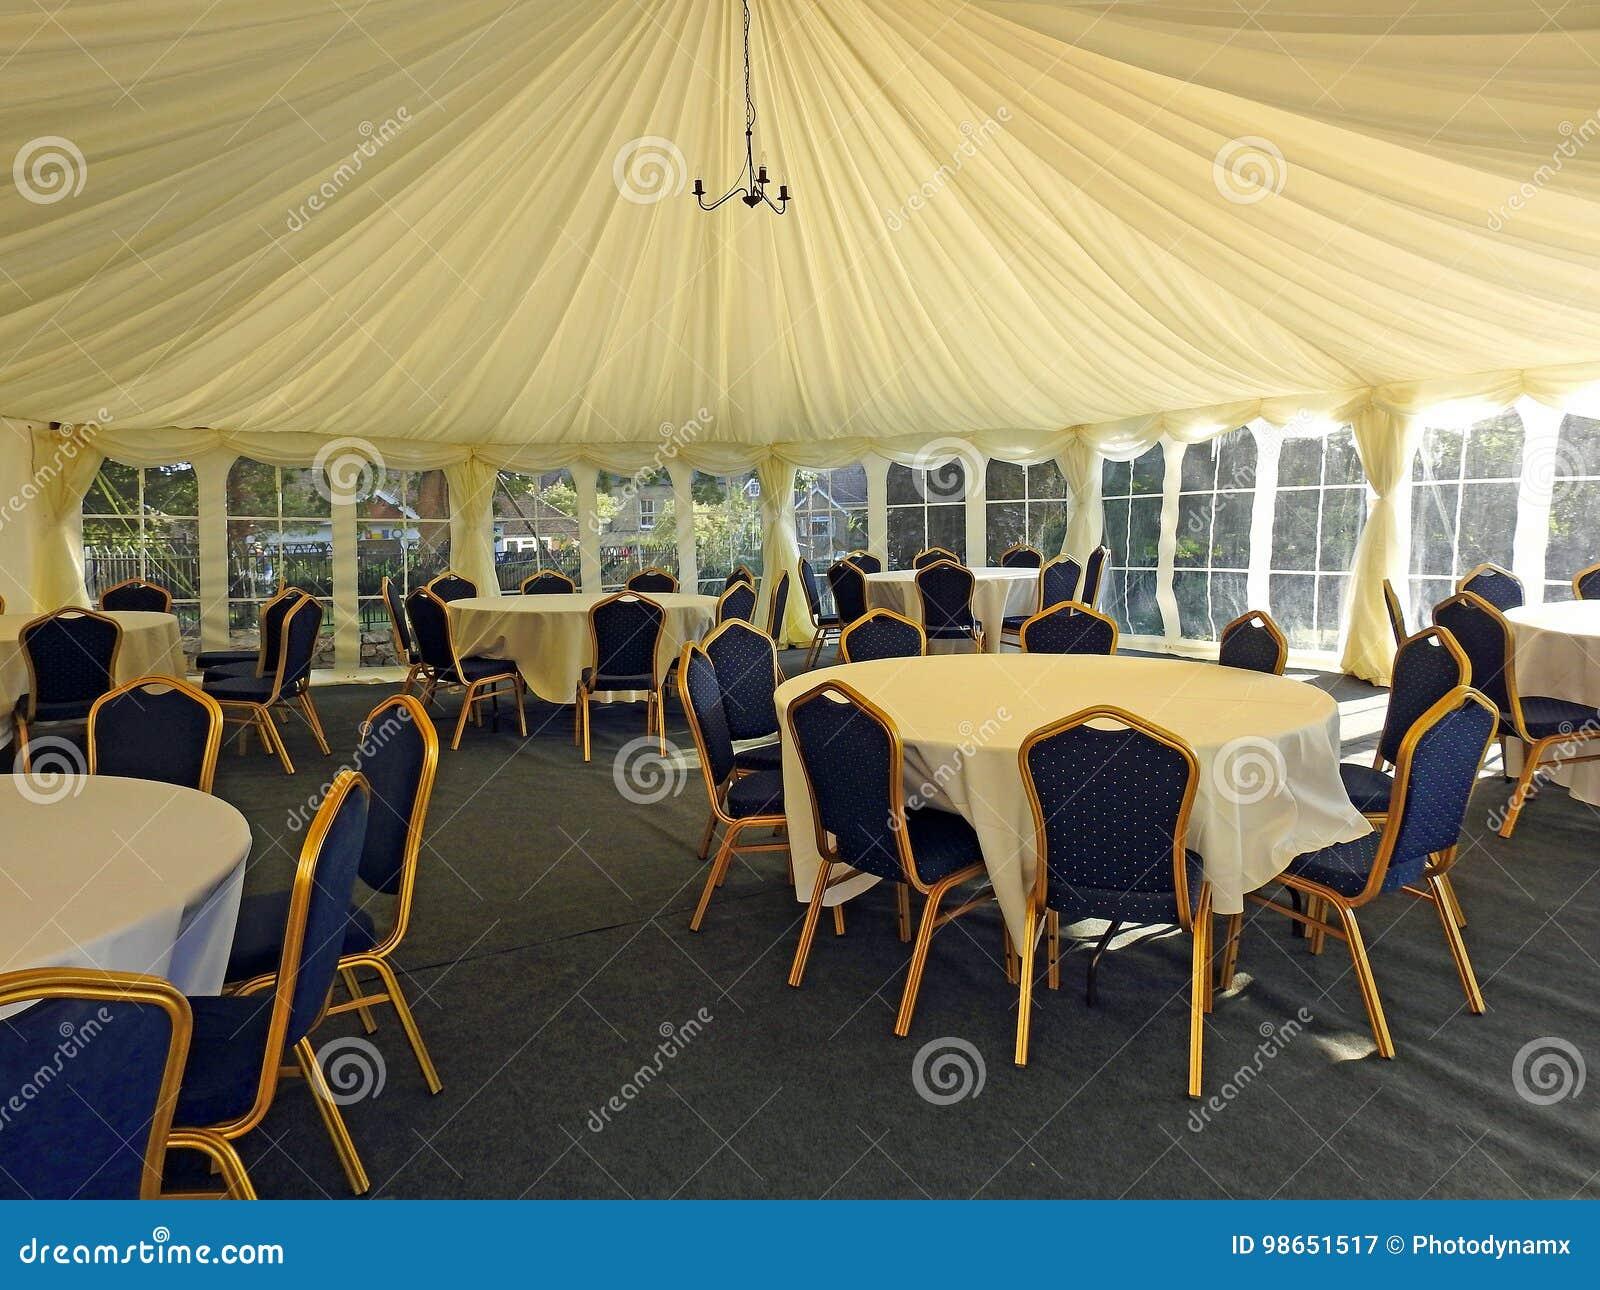 Vornehmes Hochzeitsfestzelt-Aufnahmezelt